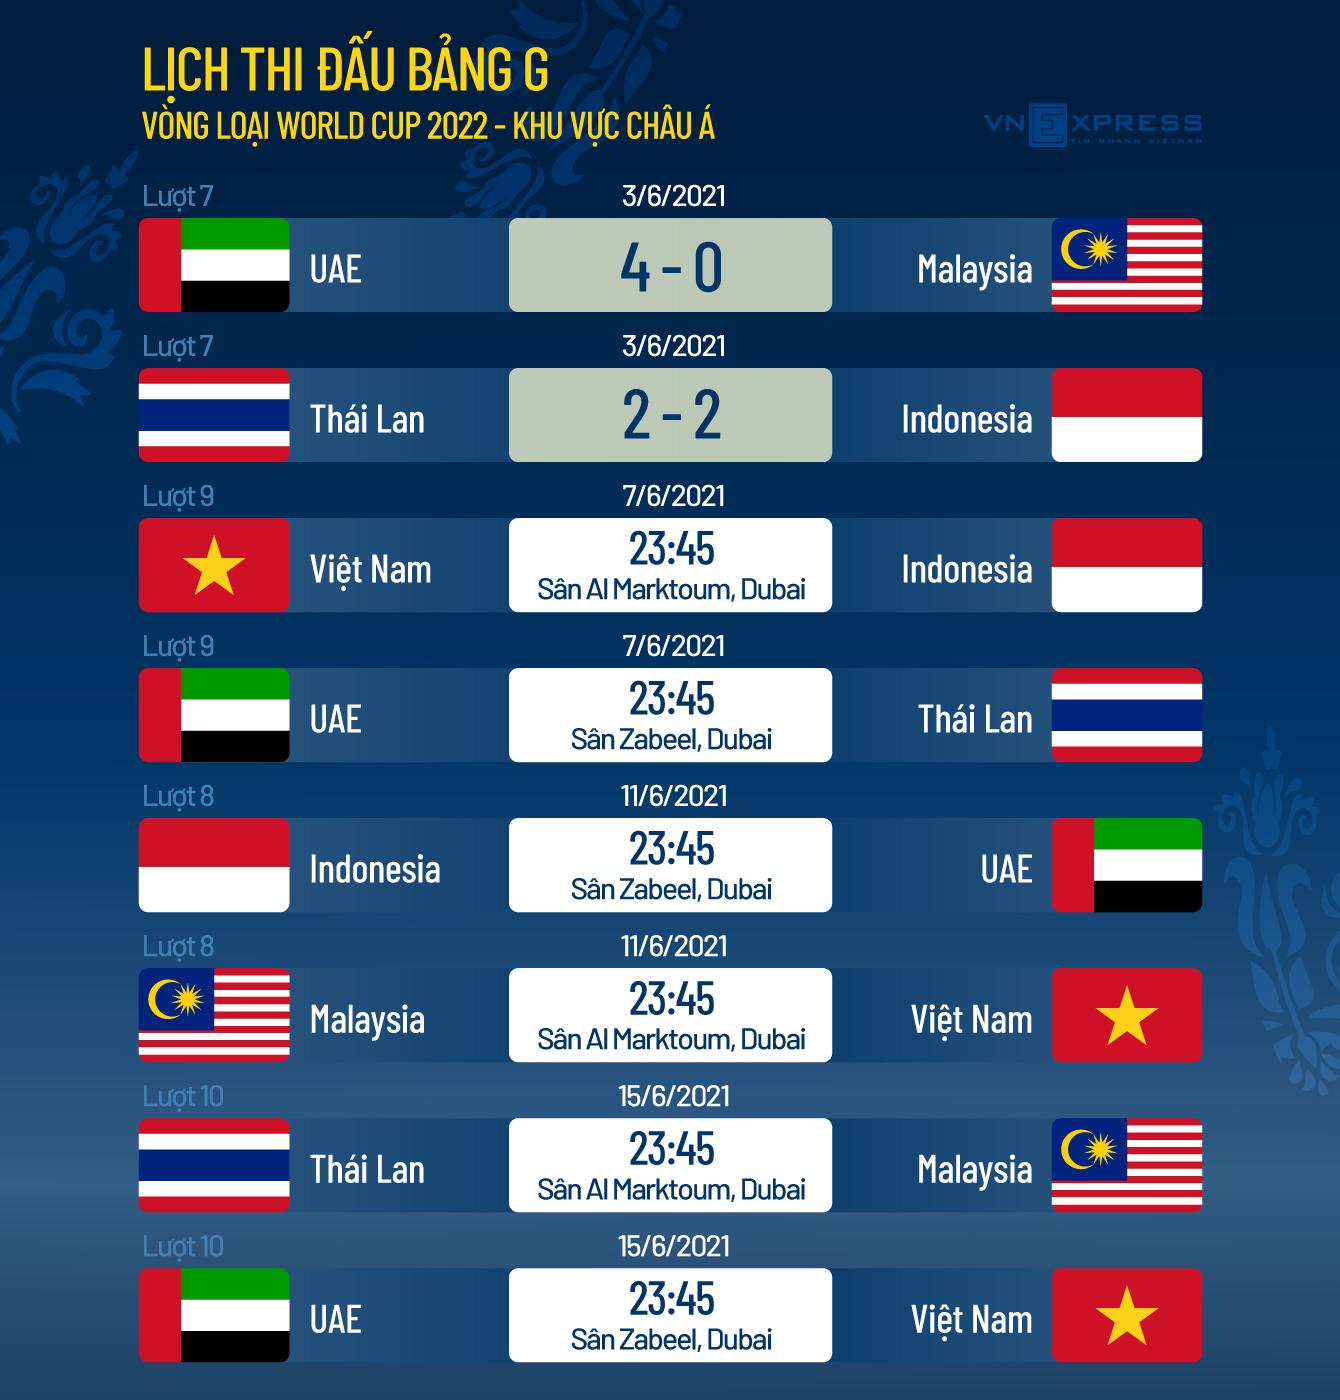 โค้ชมาเลเซีย: อย่างน้อยอินโดนีเซียก็เสมอเวียดนามกับเวียดนาม - 2 -